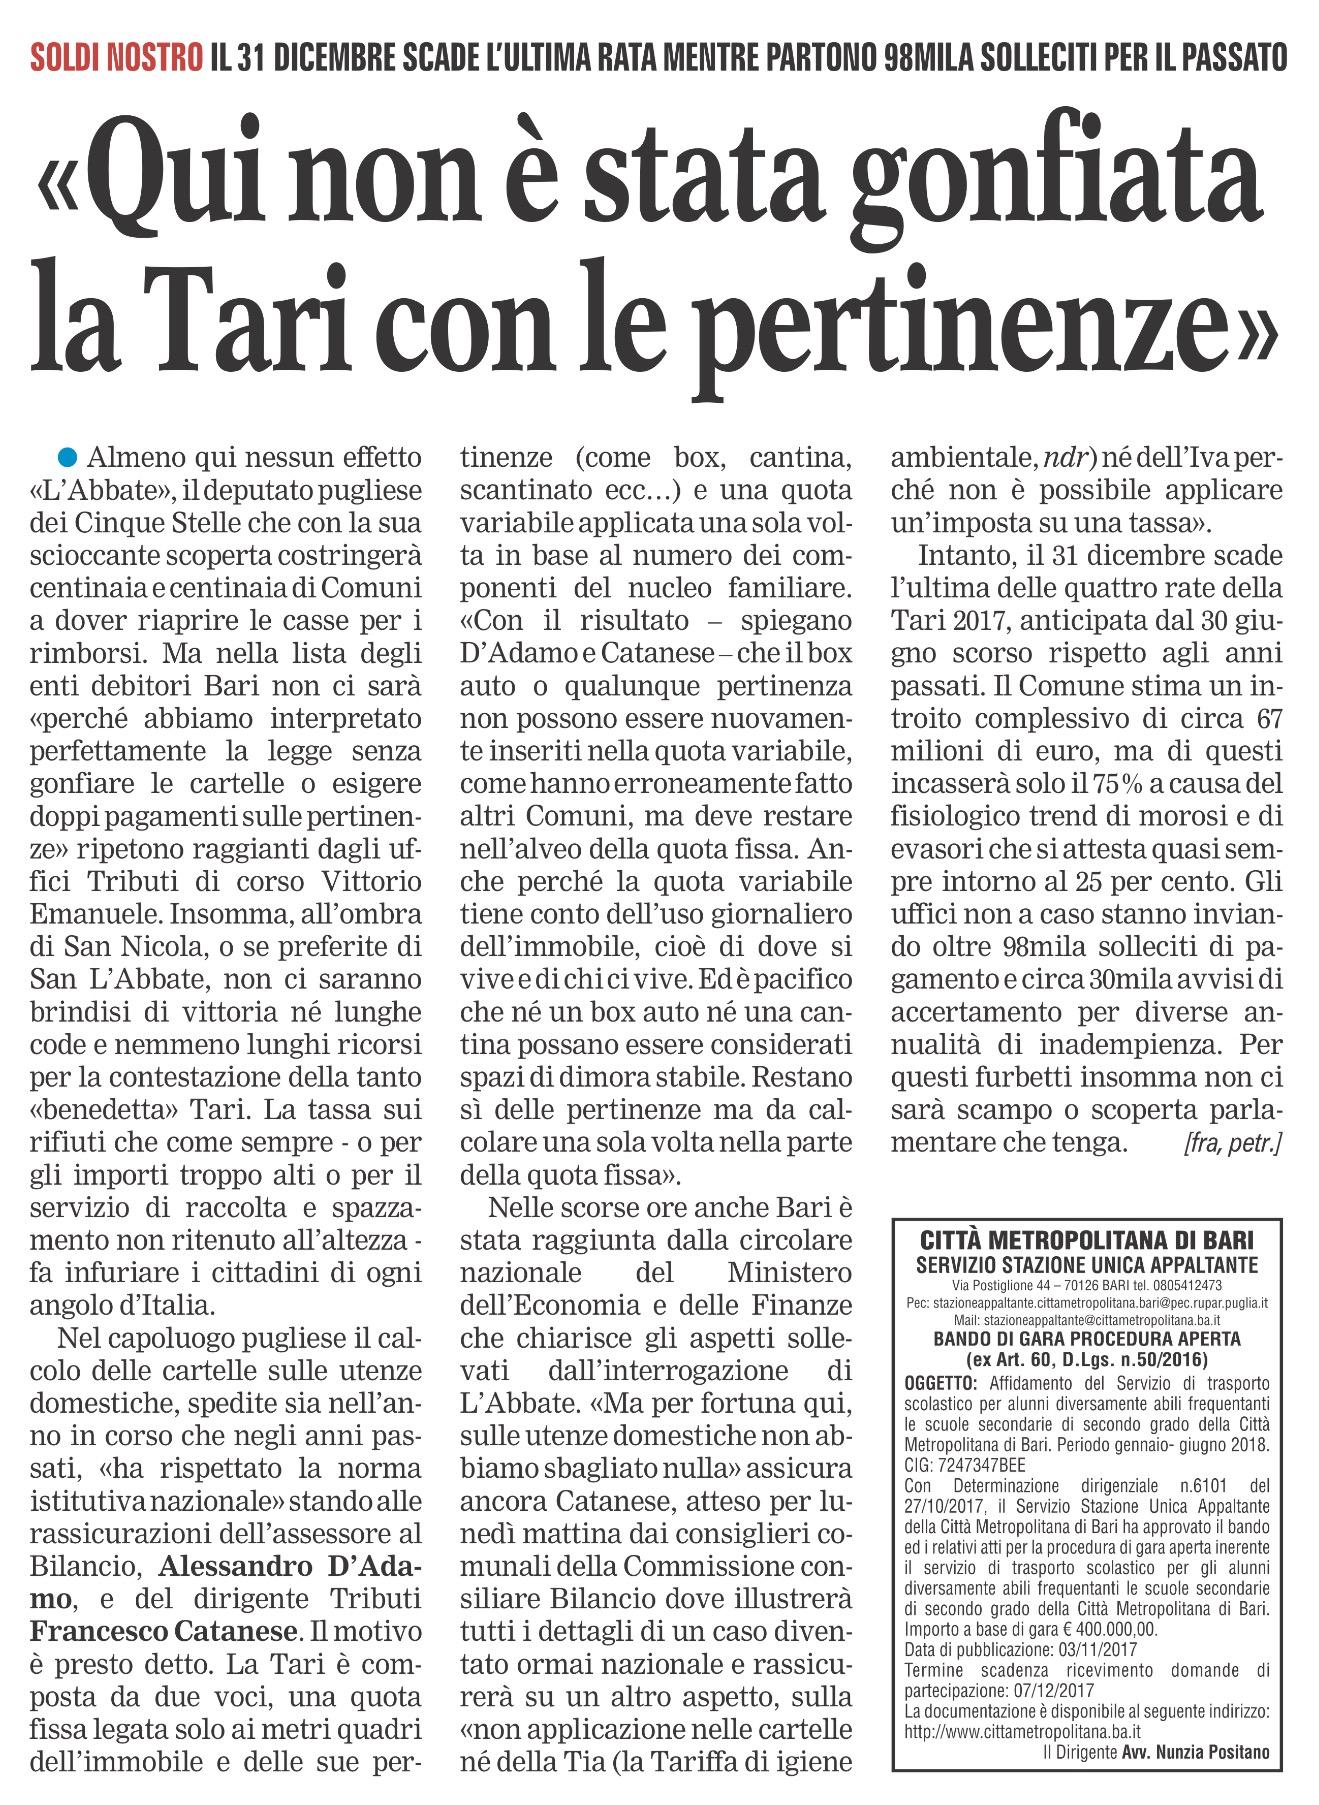 La Gazzetta del Mezzogiorno - Bari - 11.11.2017